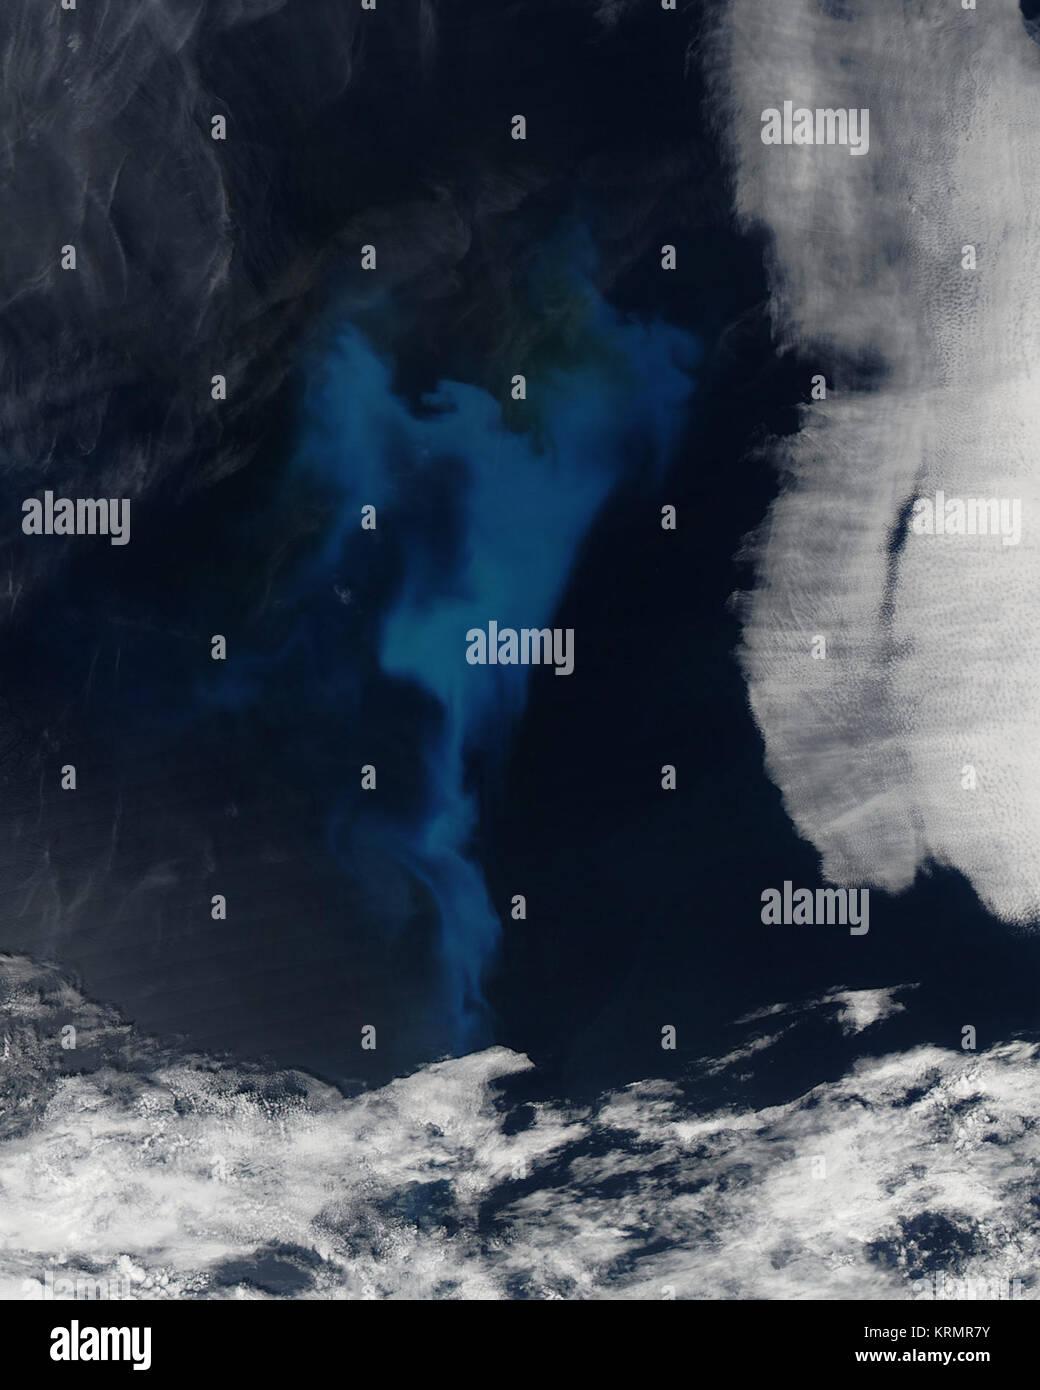 La floraison du phytoplancton dans l'océan Atlantique Nord (9422559155) Banque D'Images